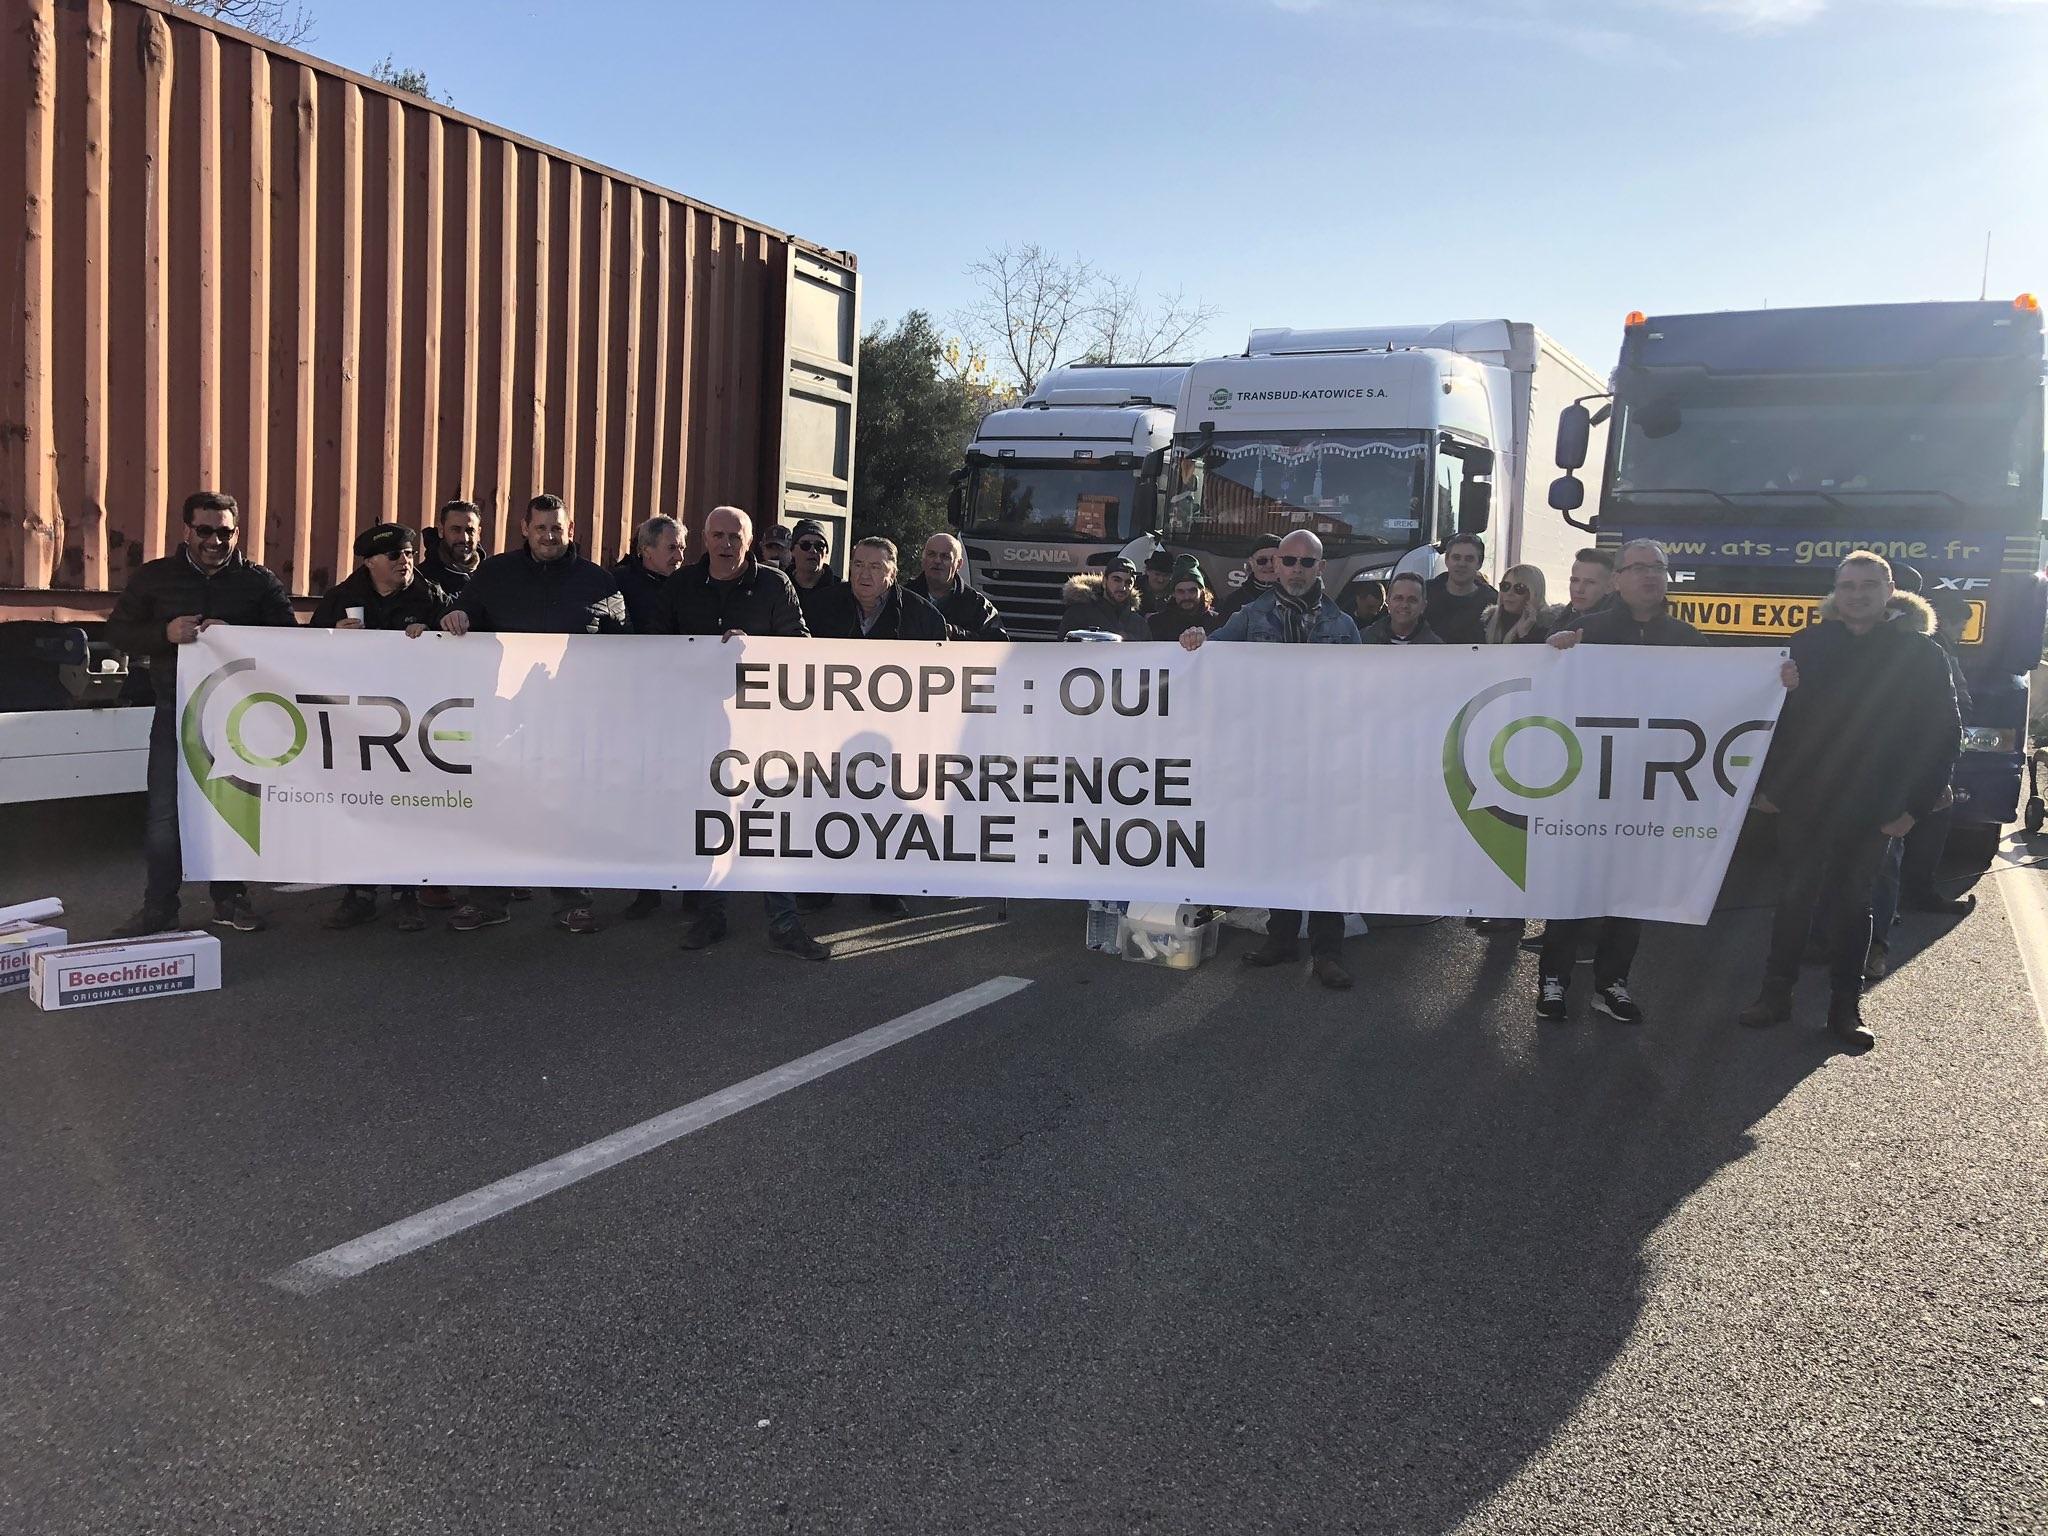 Kolejne protesty we Francji. Od rana blokady na wielu drogach